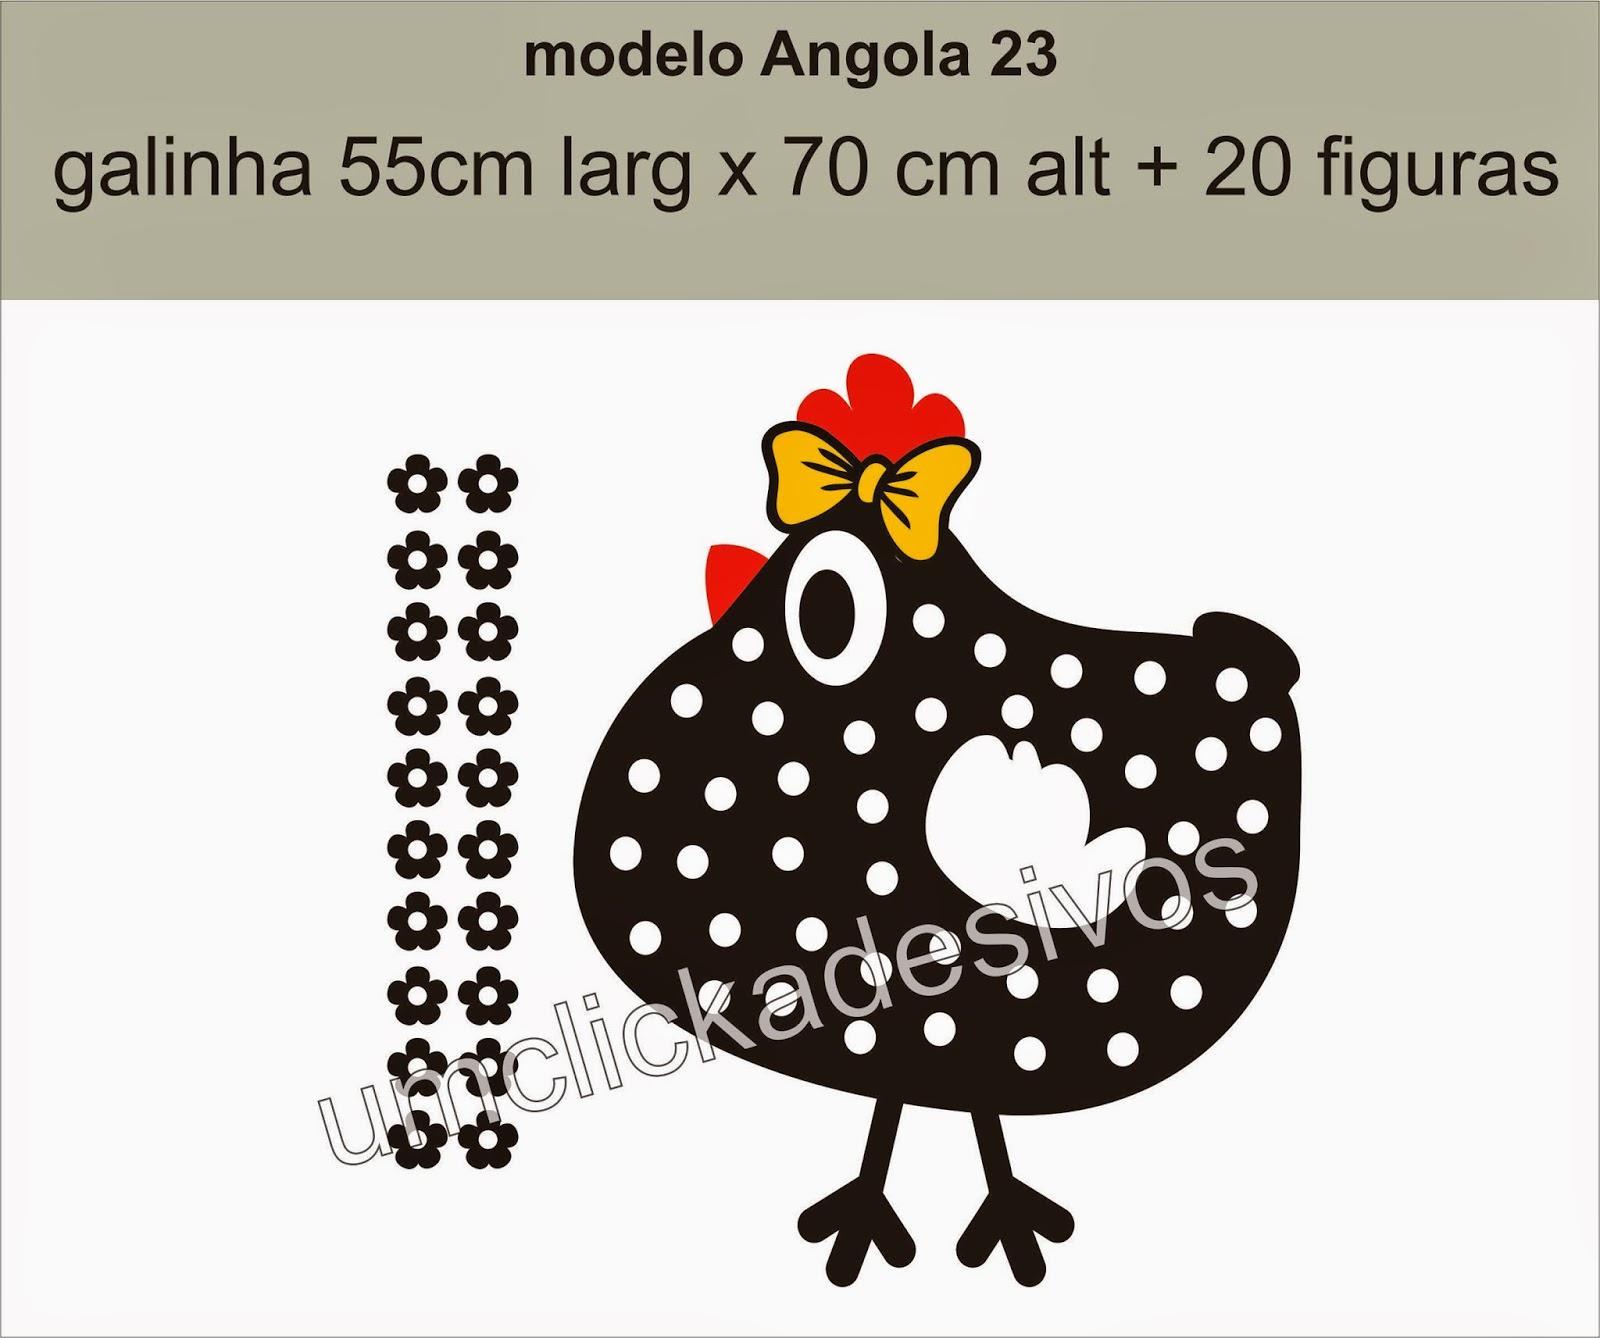 Um click adesivos adesivo para cozinha galinha angola